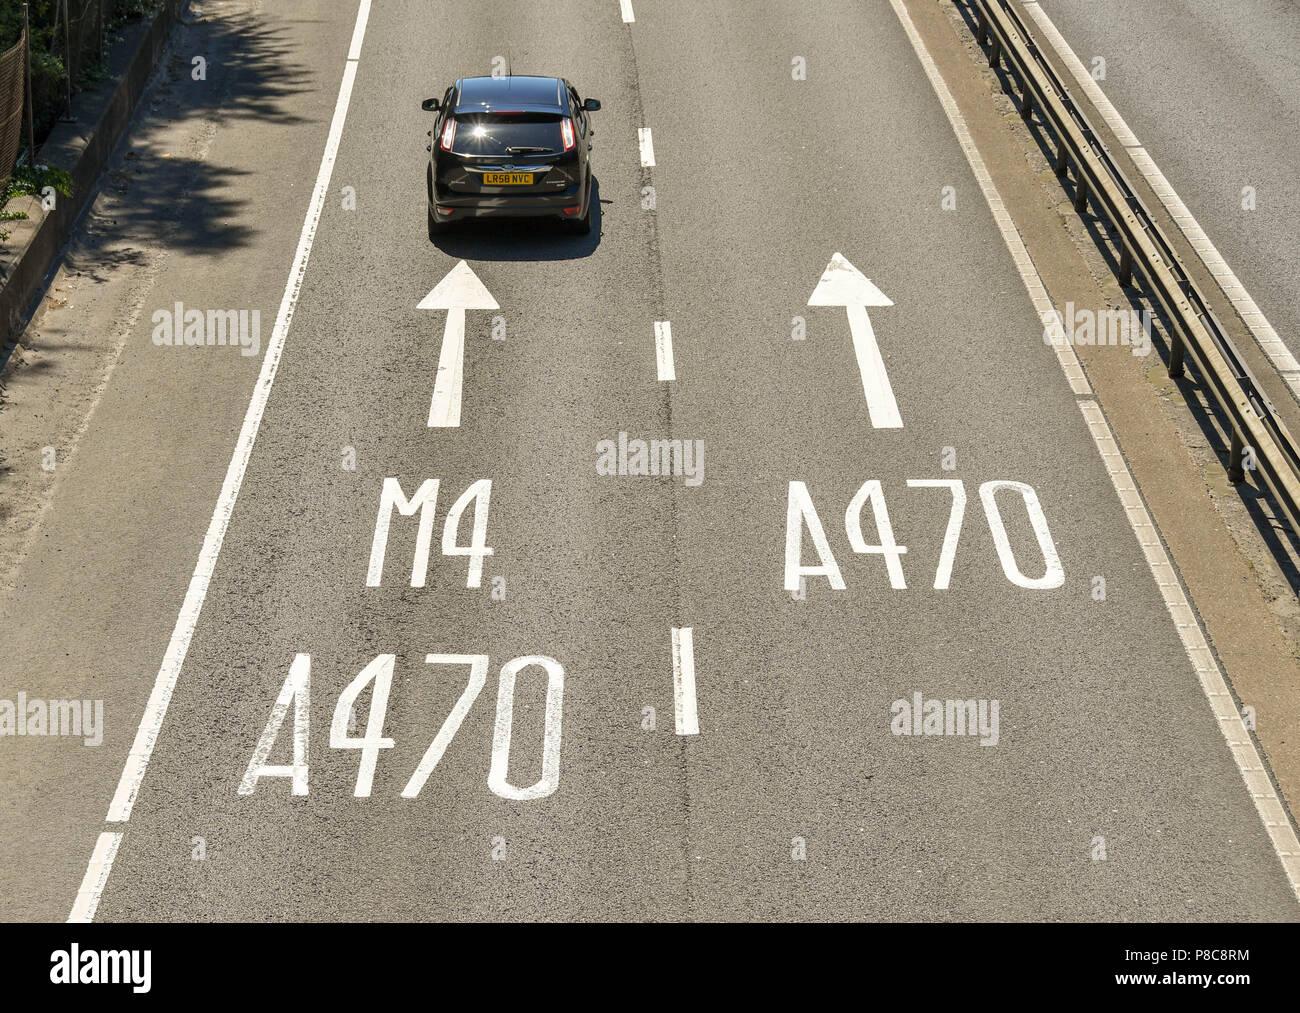 Le marquage routier sur l'A470 à deux voies dans Taffs bien à la périphérie de Cardiff, Pays de Galles. Le marquage des voies pour montrer l'autoroute M4 et à Cardiff Photo Stock